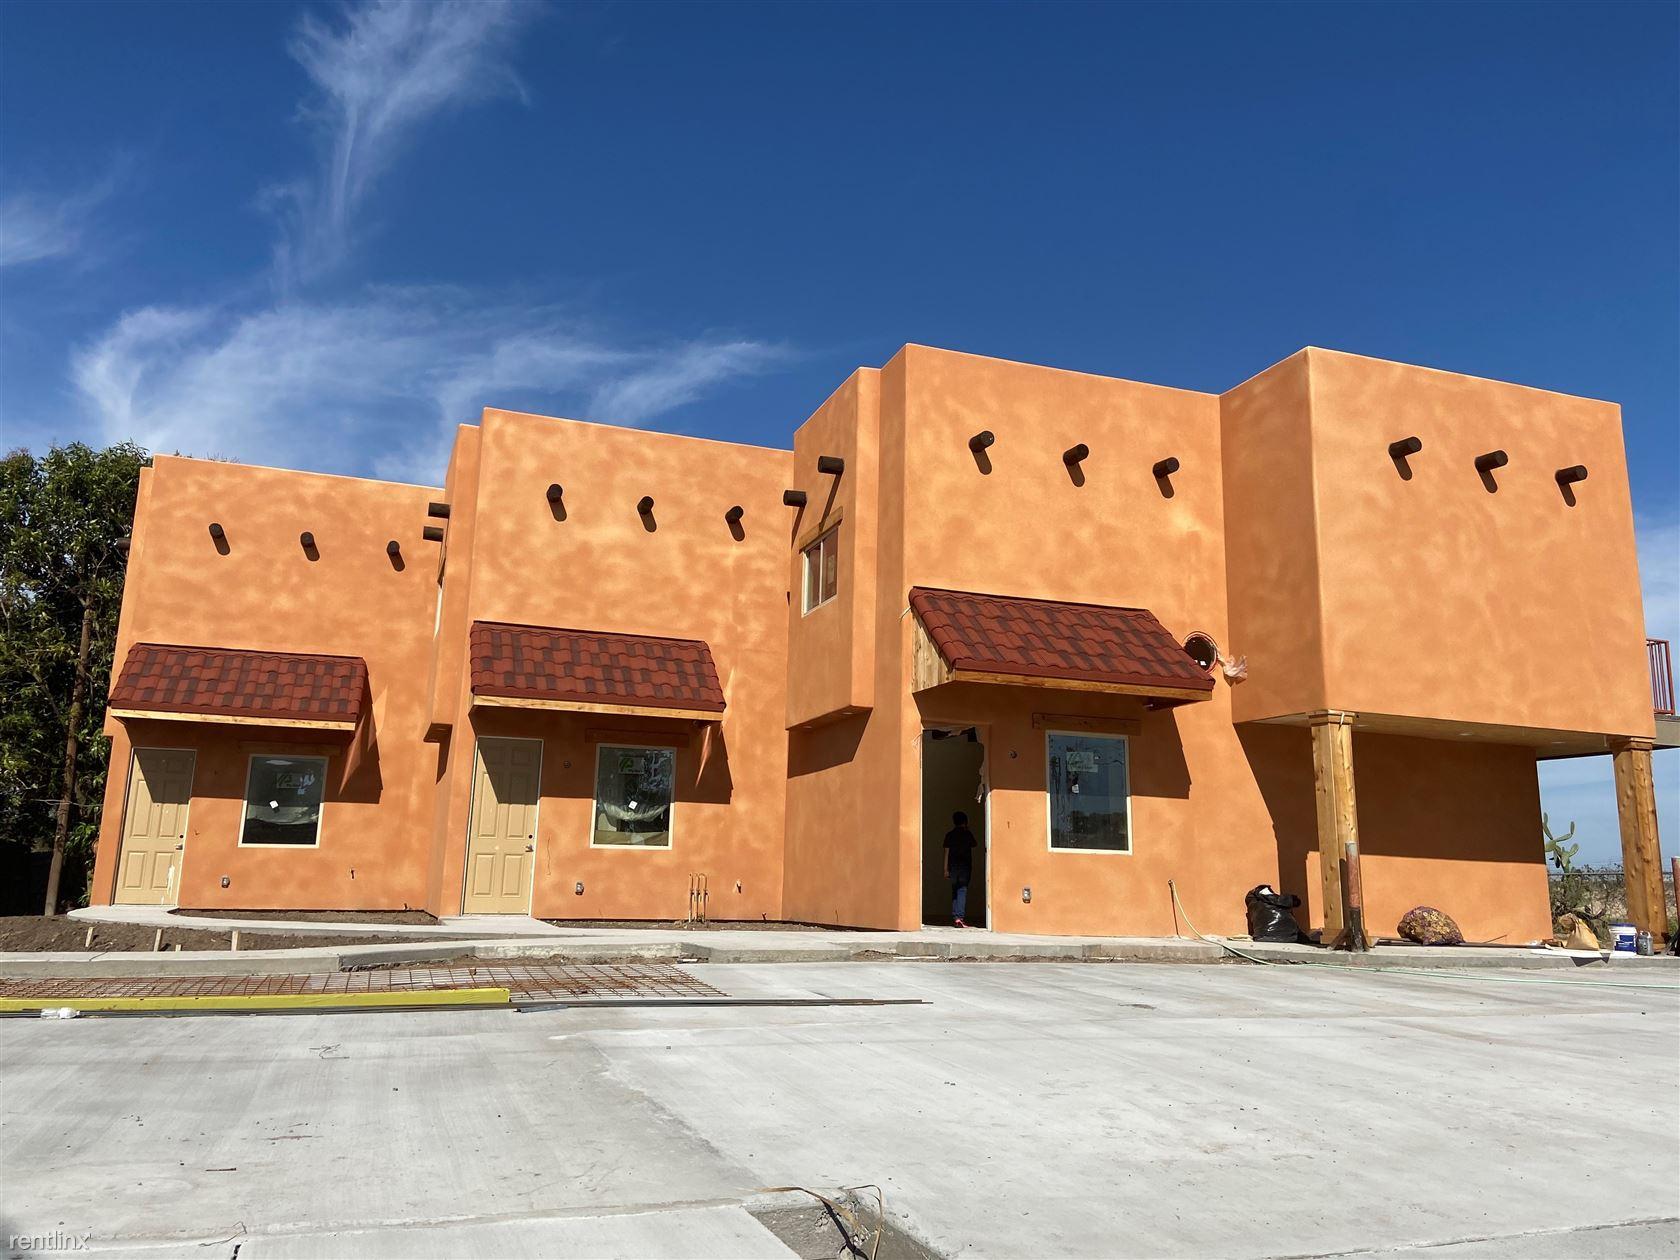 525 E Pike Blvd, Weslaco, TX - $875